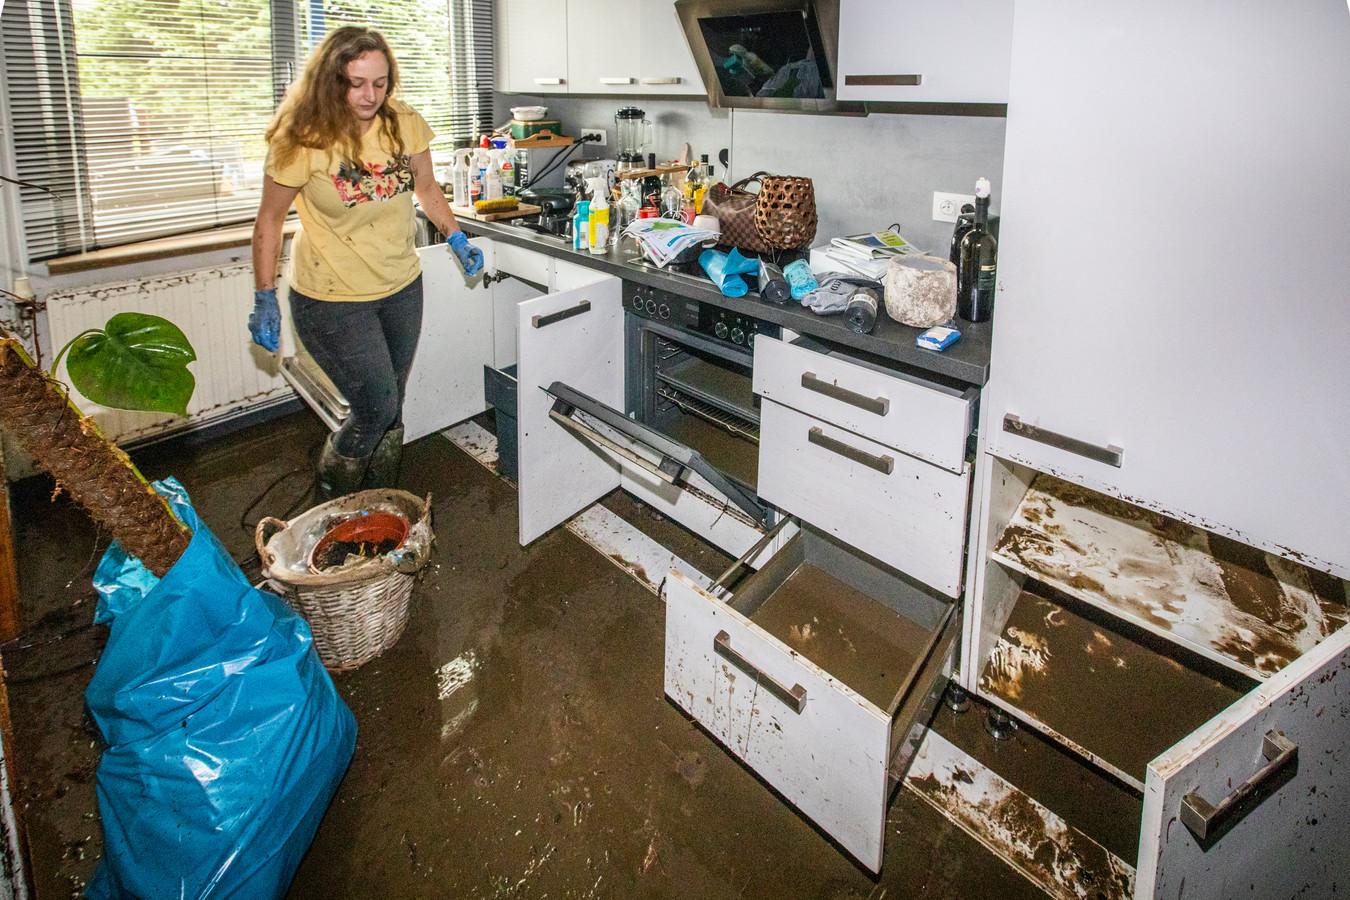 Charlotte Conraads (25) zag haar keuken verwoest worden. De keuken staat er nog maar 1,5 jaar in, sinds de vorige zware overstroming uit 2018.